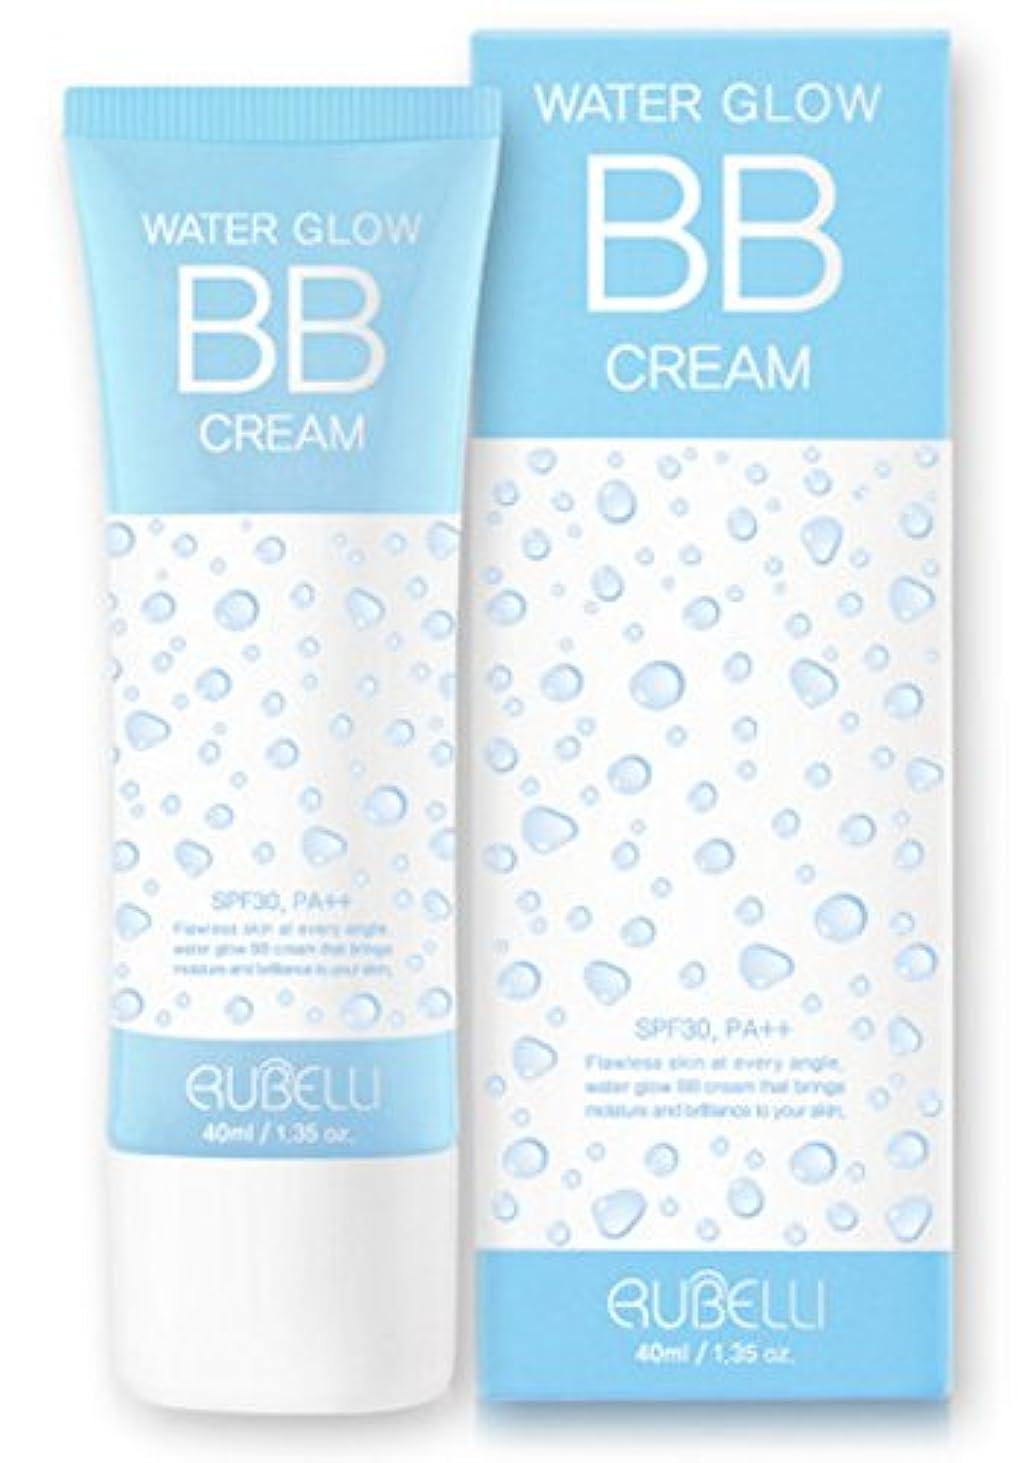 黒板珍しいシャーク[ルーバレー] Rubelli 水グローBBクリーム Water Glow BB Cream 40ml SPF30 PA++ [並行輸入品]